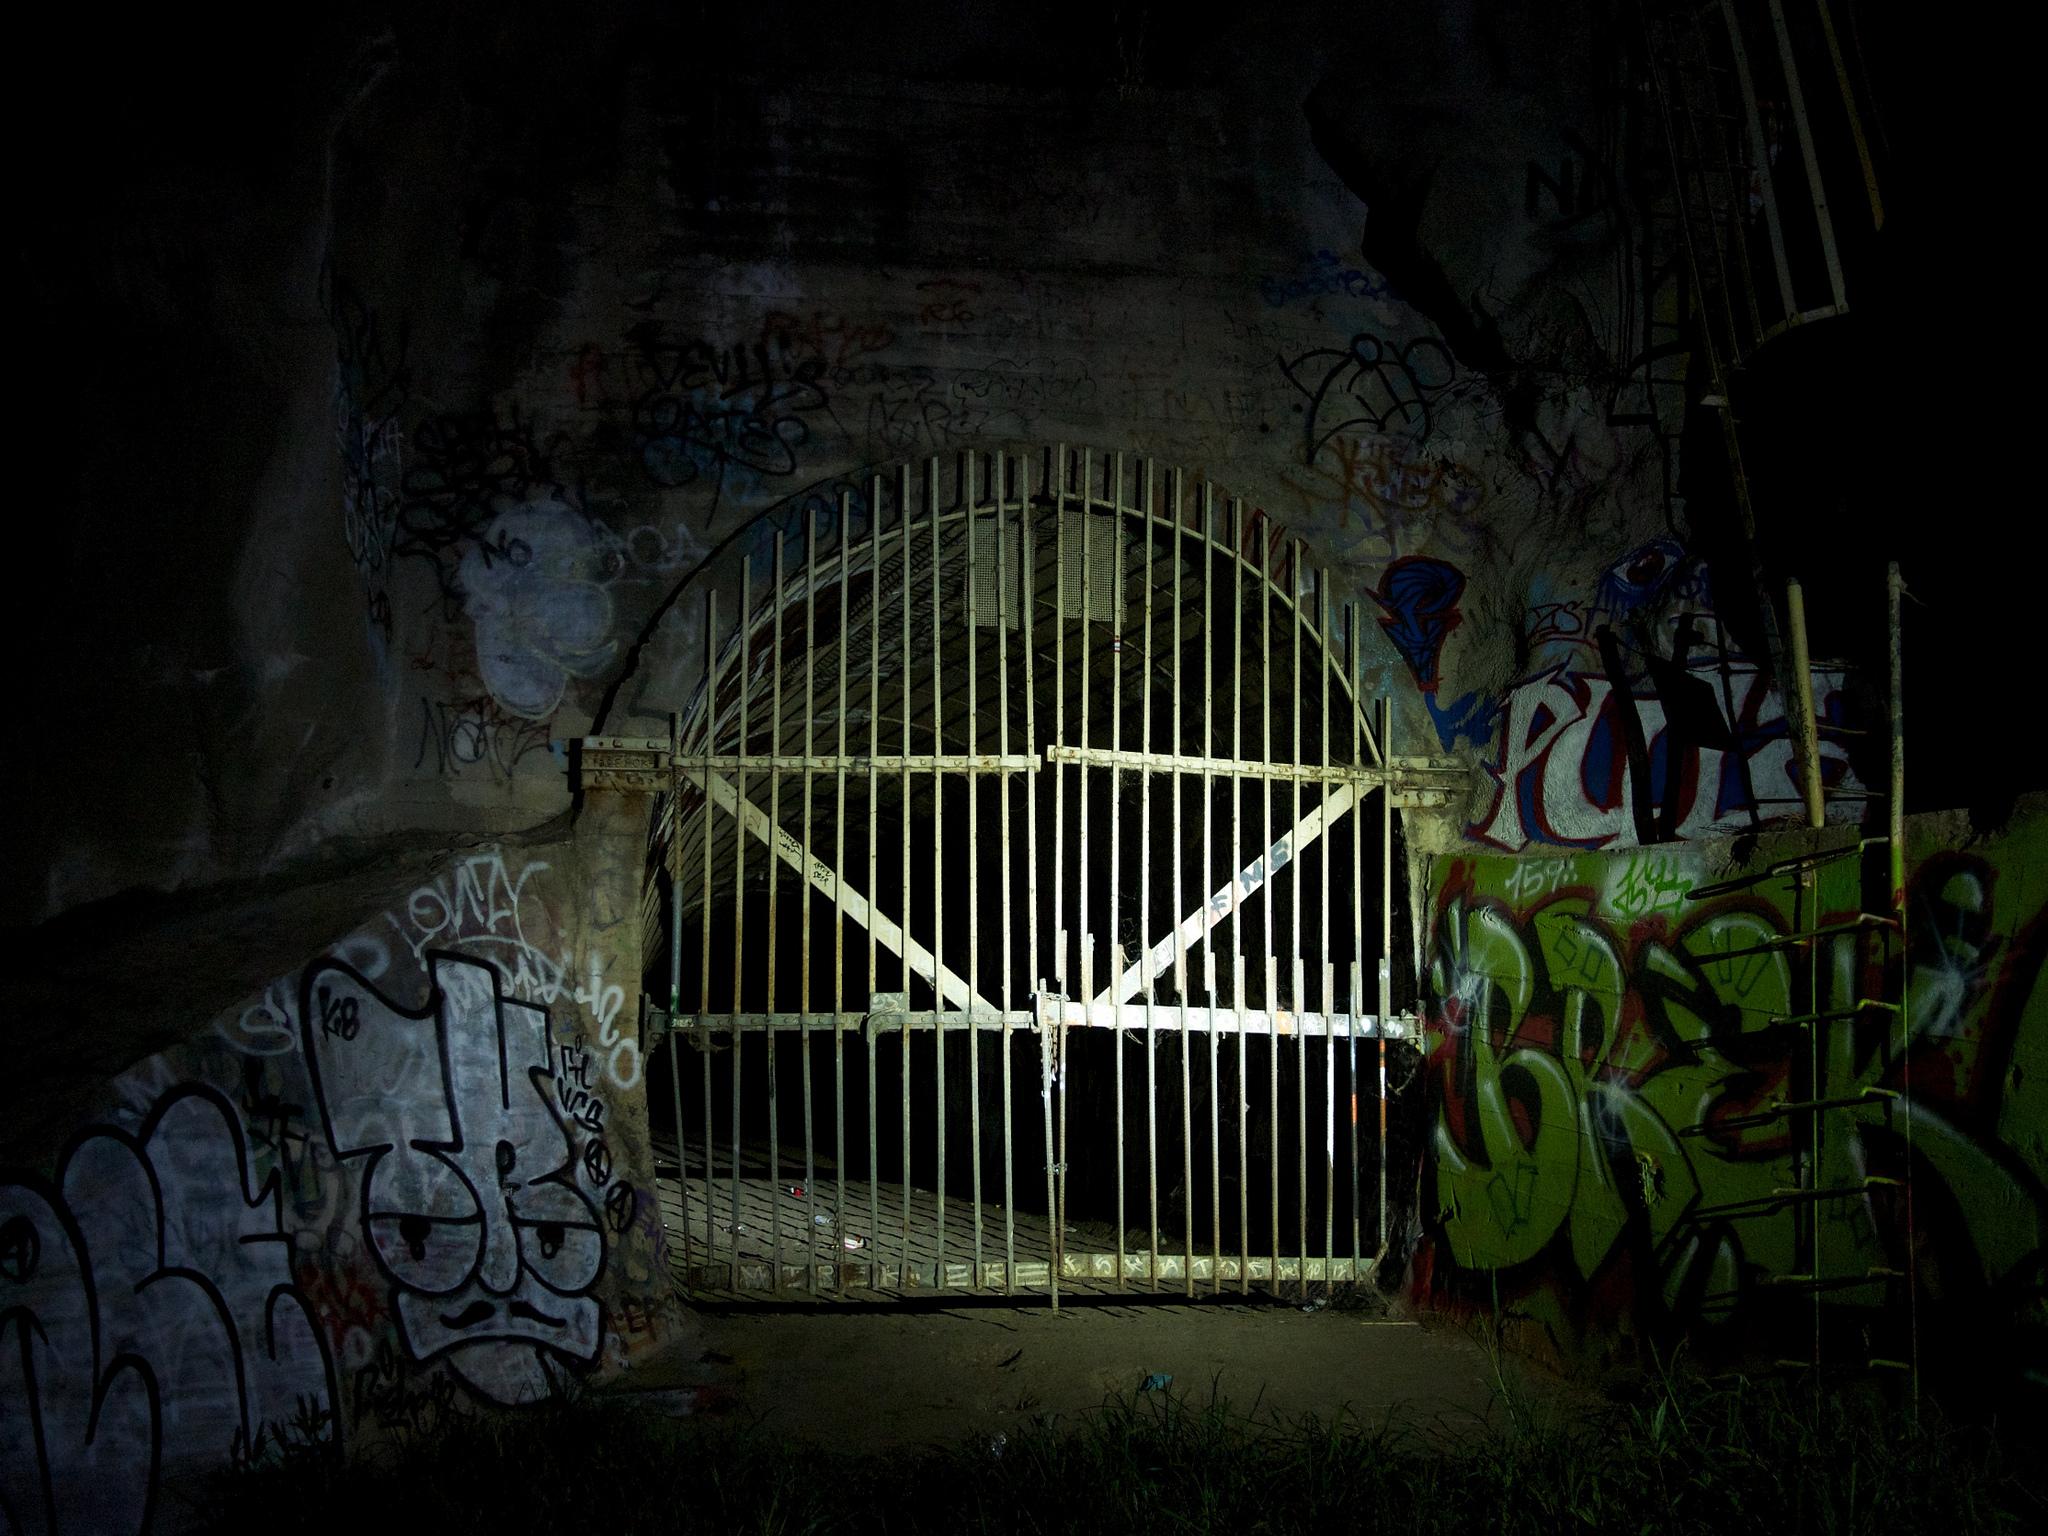 The Devil S Gate Dam In California Has A Dark History